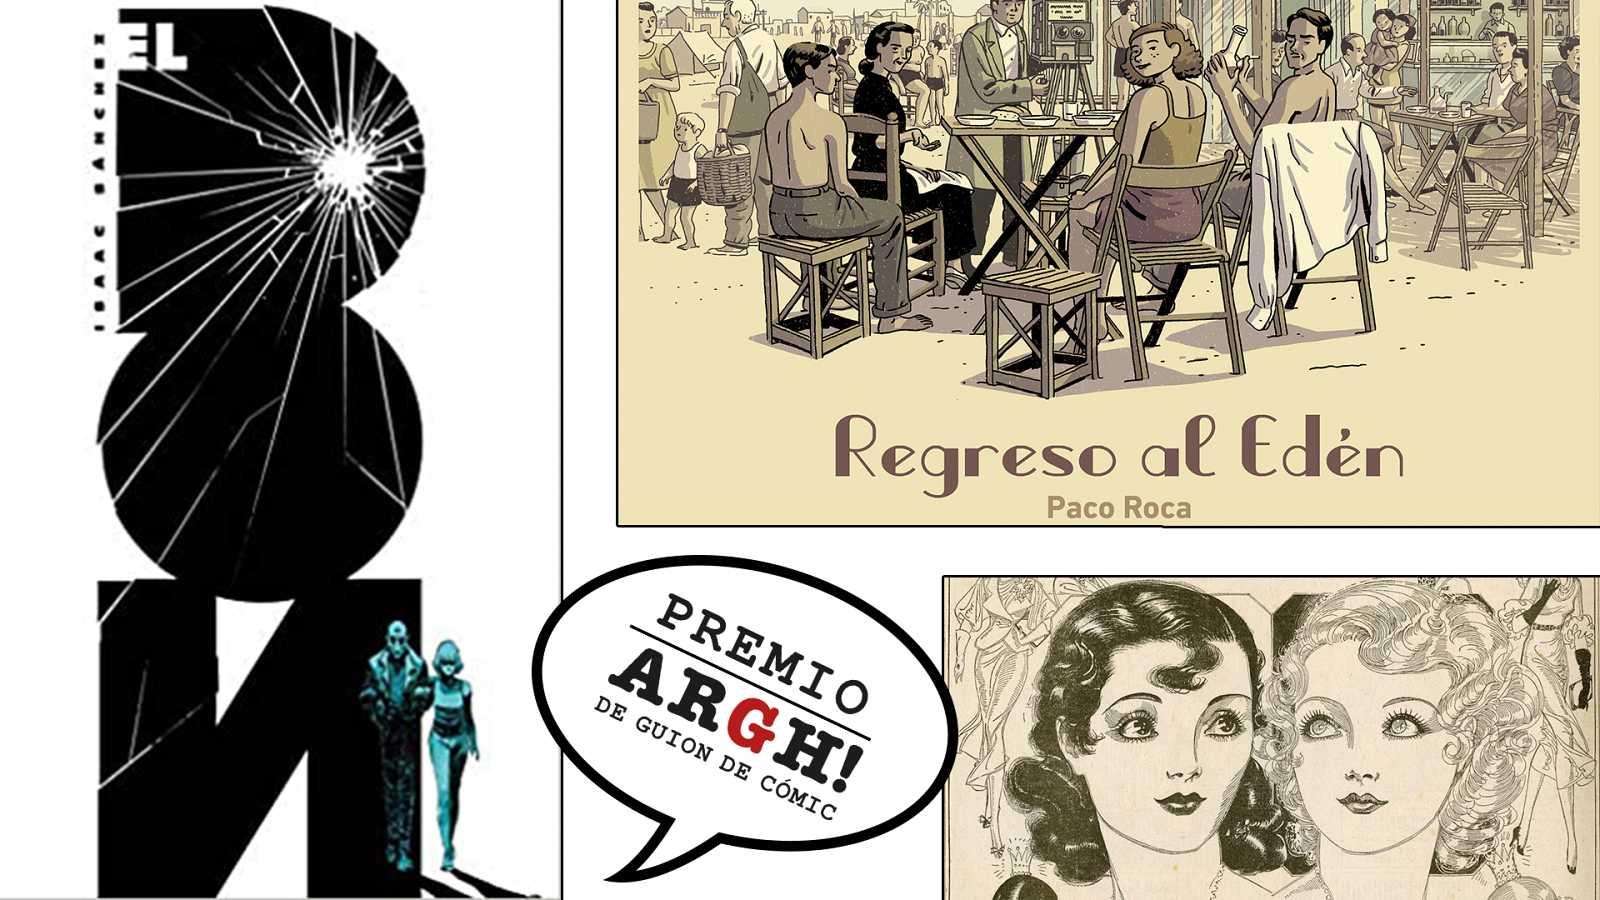 ¡Qué de cómics! - El Don de Isaac Sánchez, Nell Brinkley y lo nuevo de Paco Roca - Escuchar ahora